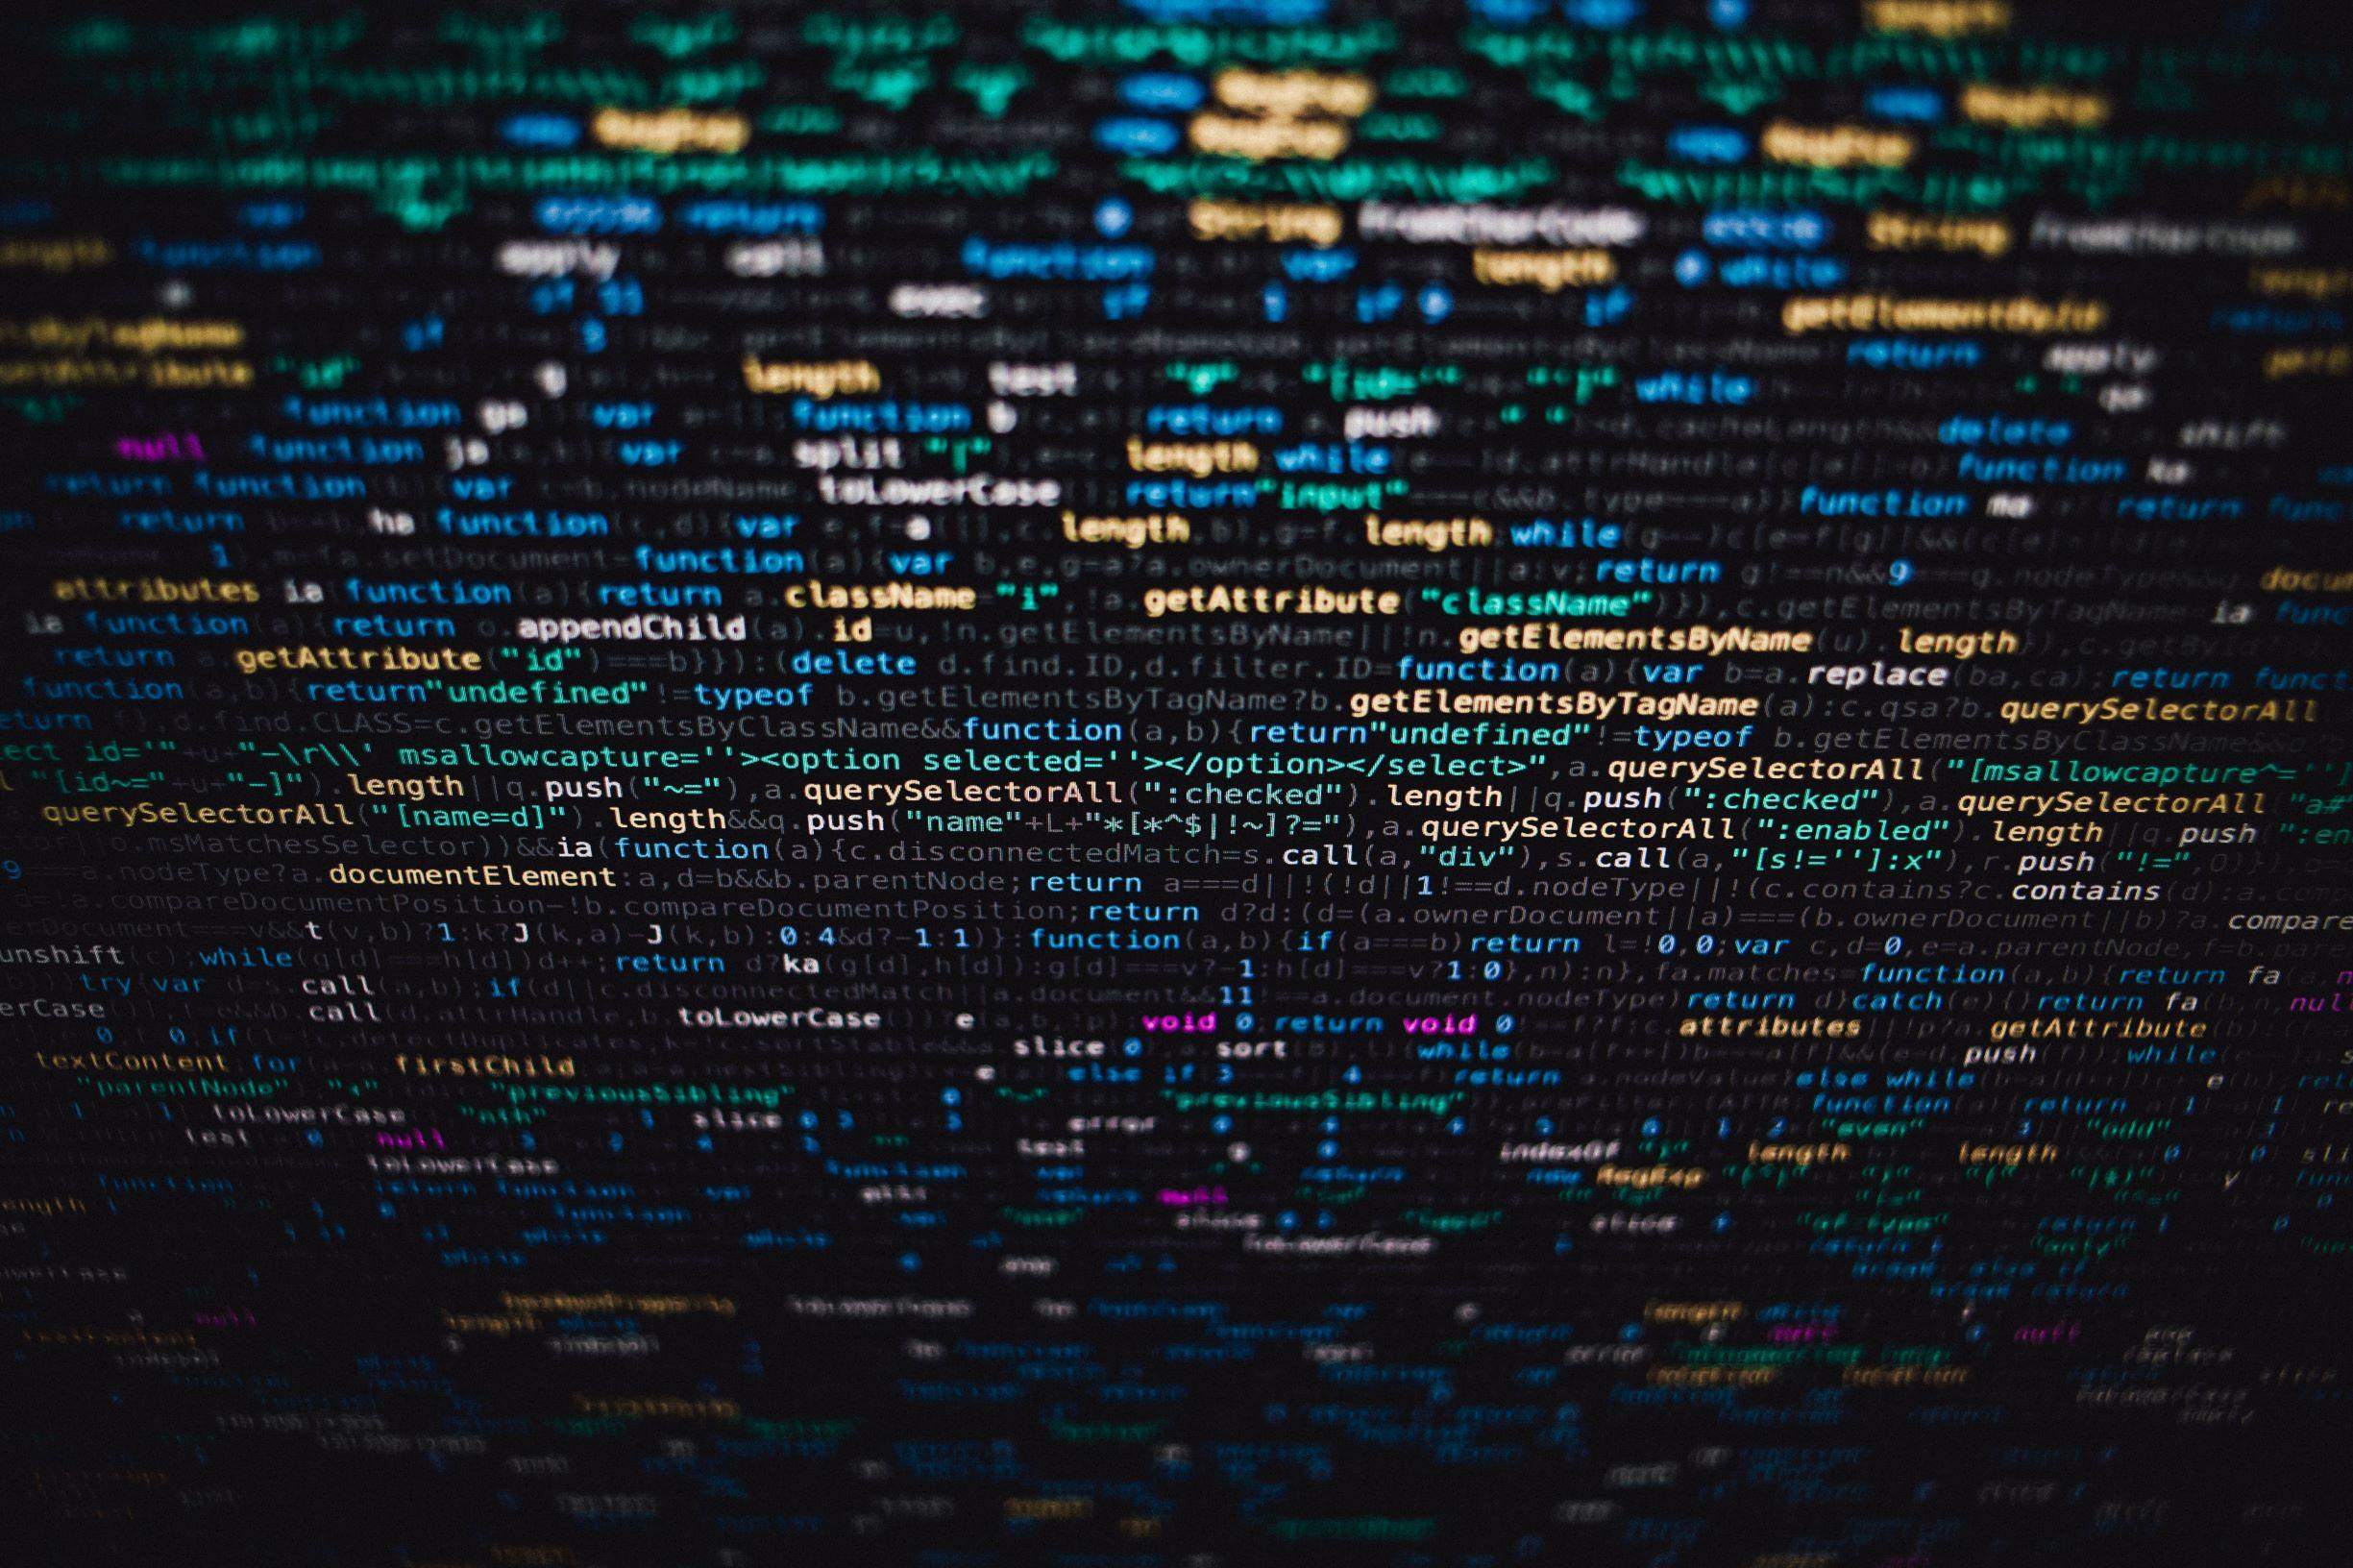 L'épreuve du Covid-19 montre l'intérêt des systèmes de traçabilité. La technologie est là, mais son succès est menacé par la peur légitime que ce traçage ne serve d'autres objectifs inavoués.…